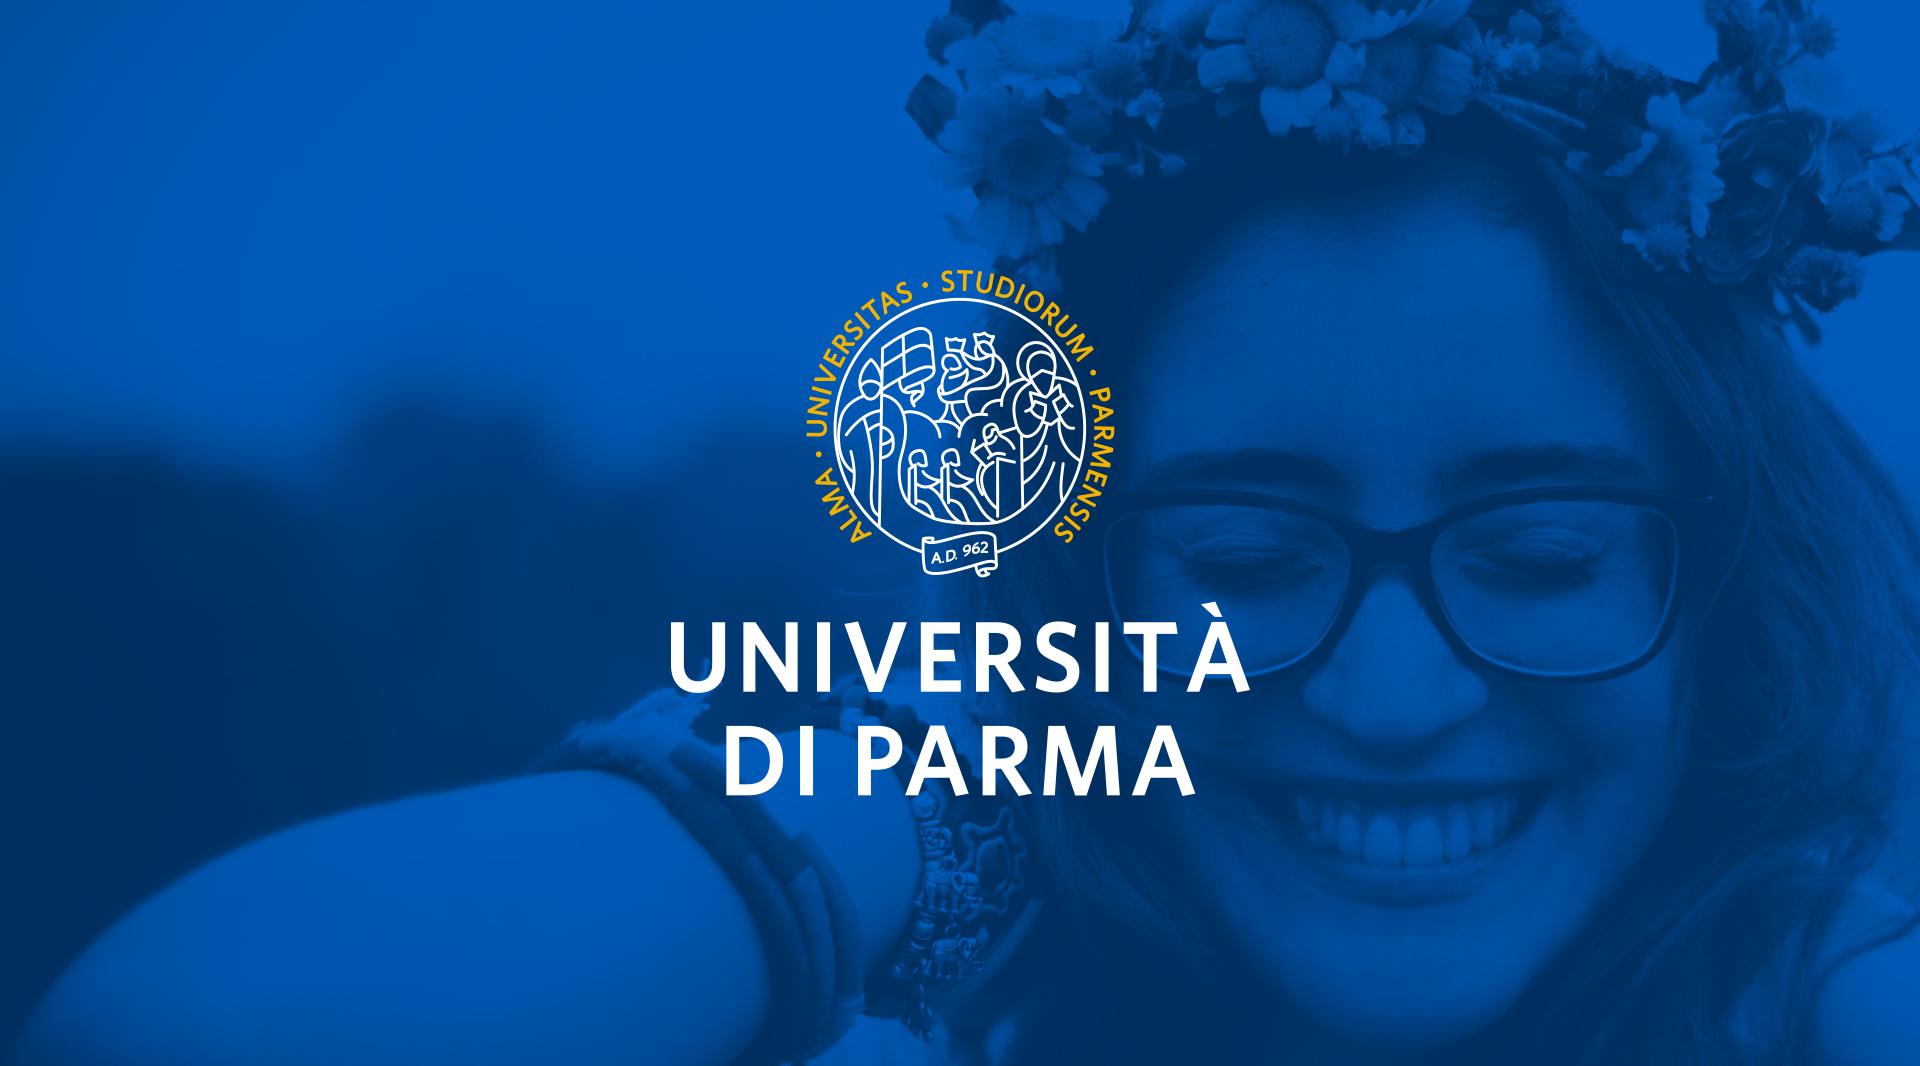 Universita di Parma new brand